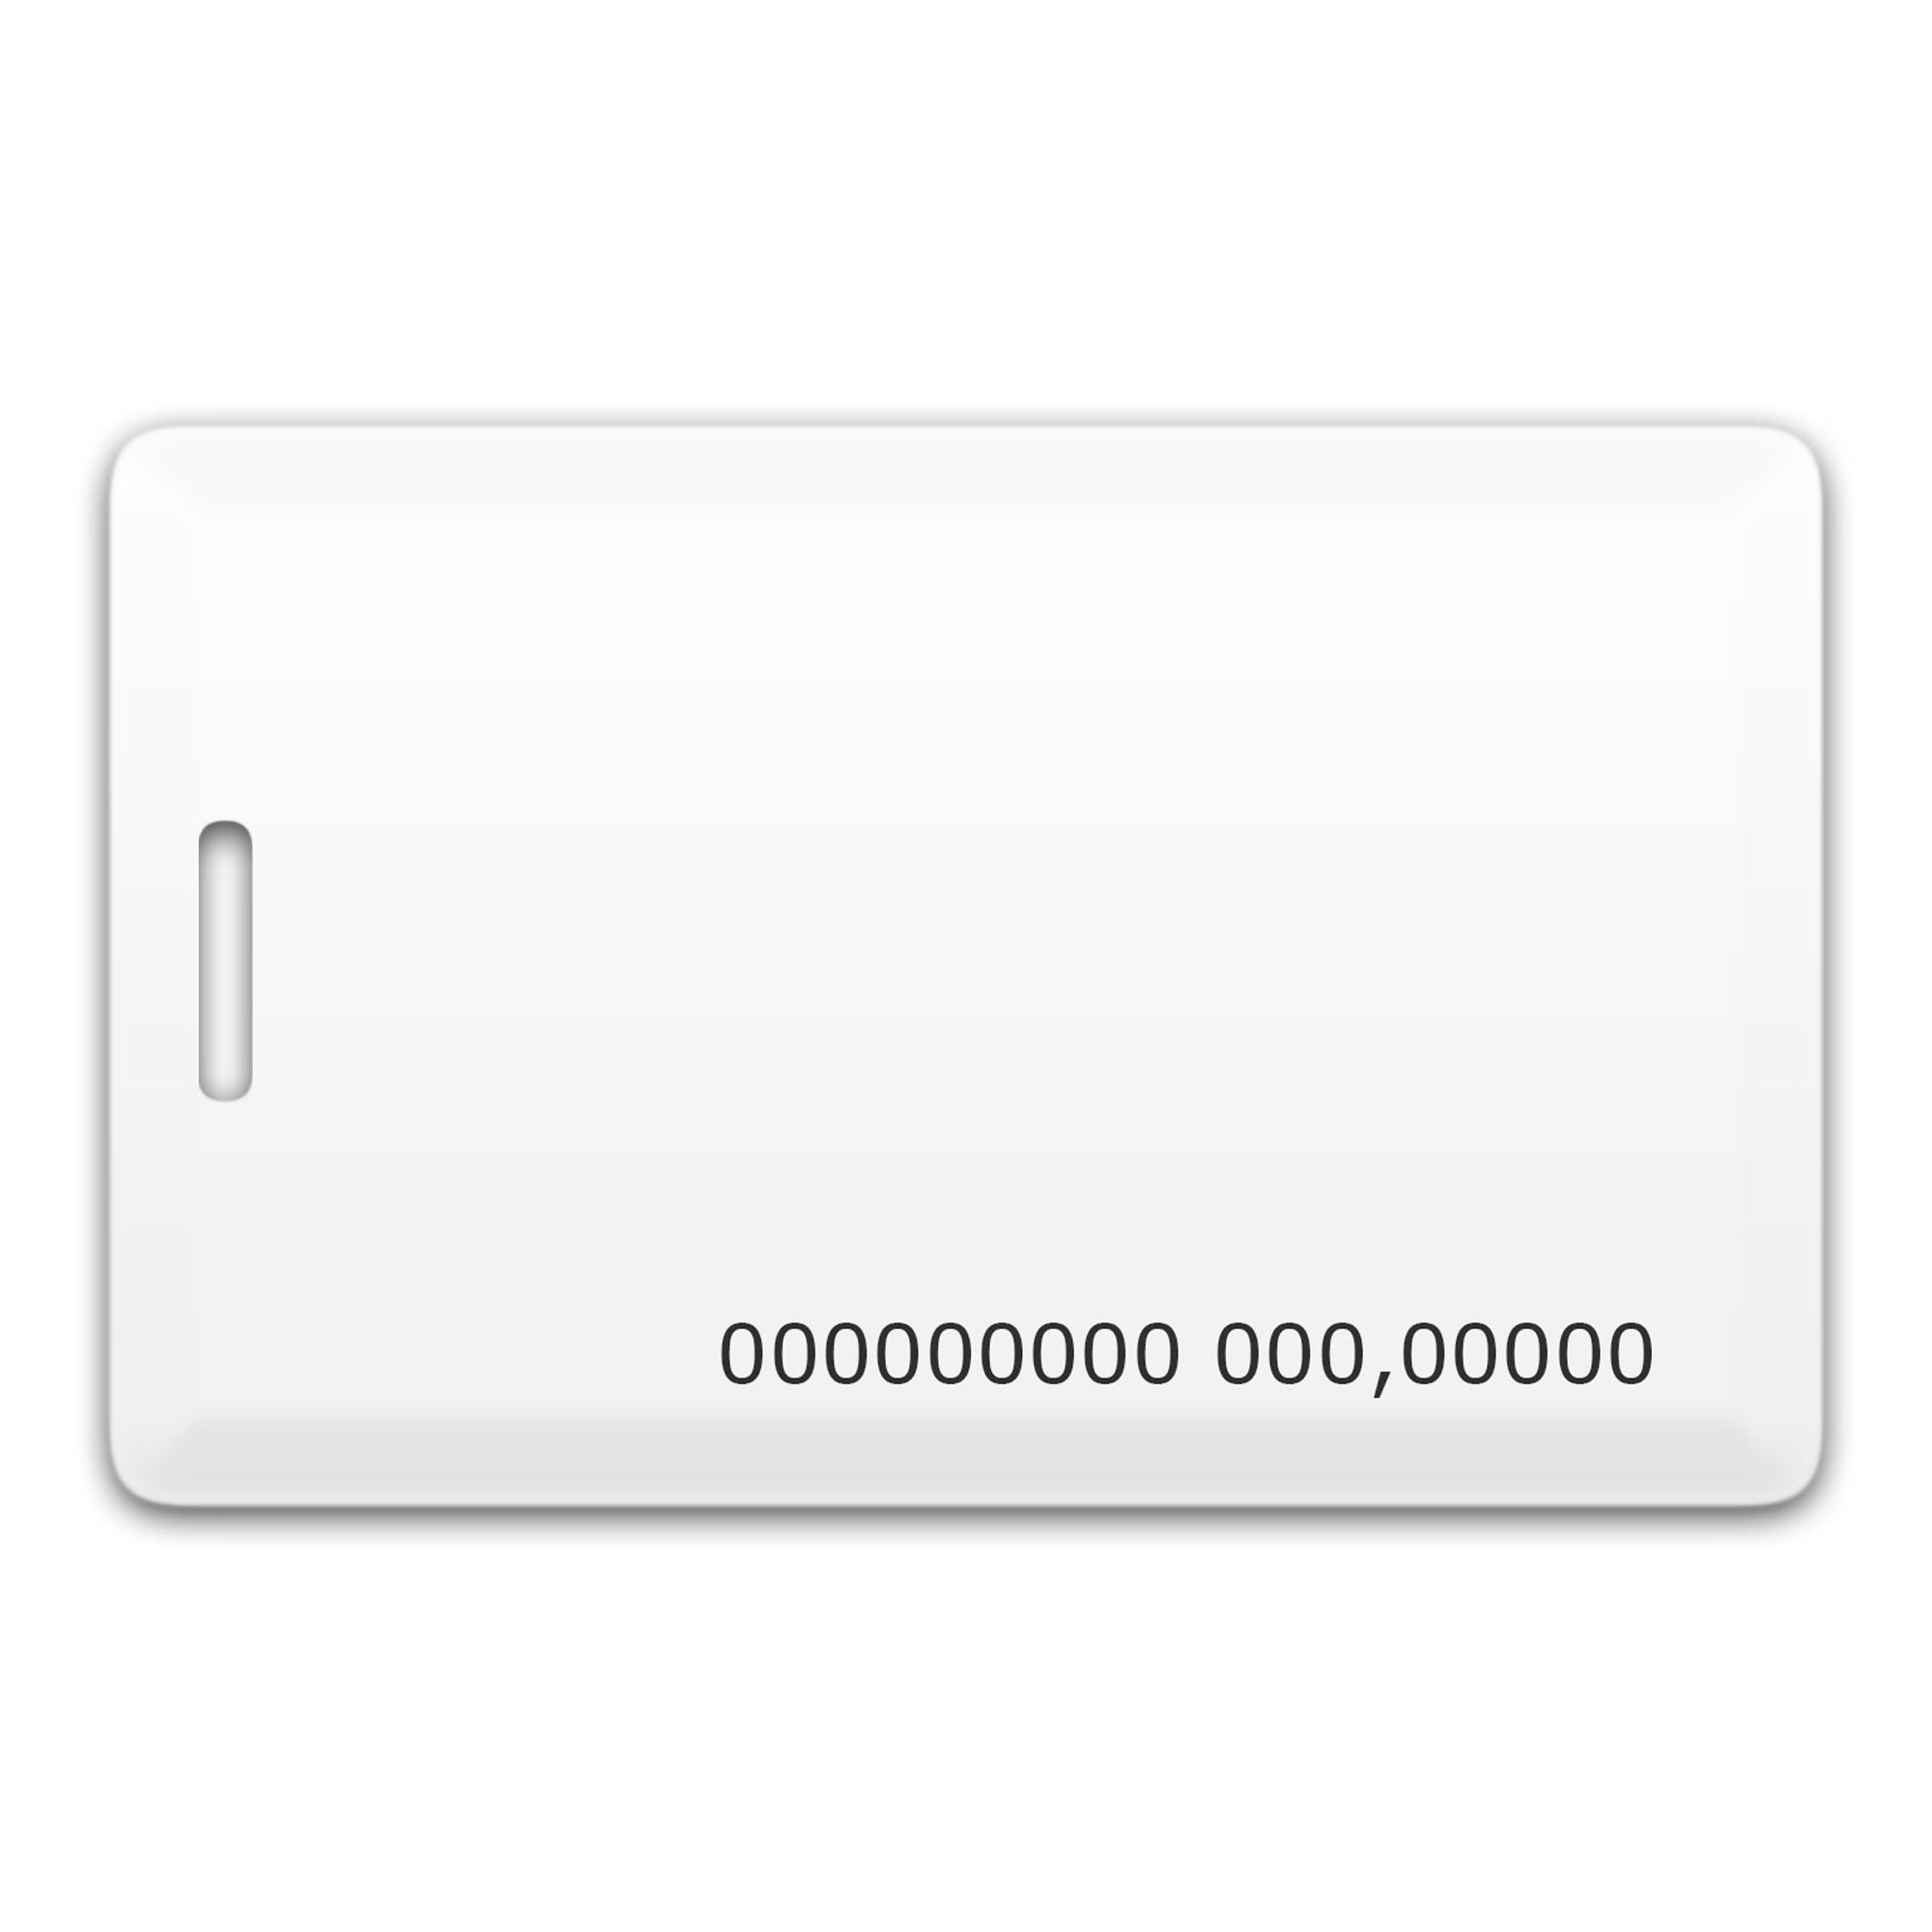 Chip-UA | Бесконтактная пластиковая карта (толстая) с прорезью, с номером, с чипом Em-Marine Clamshell